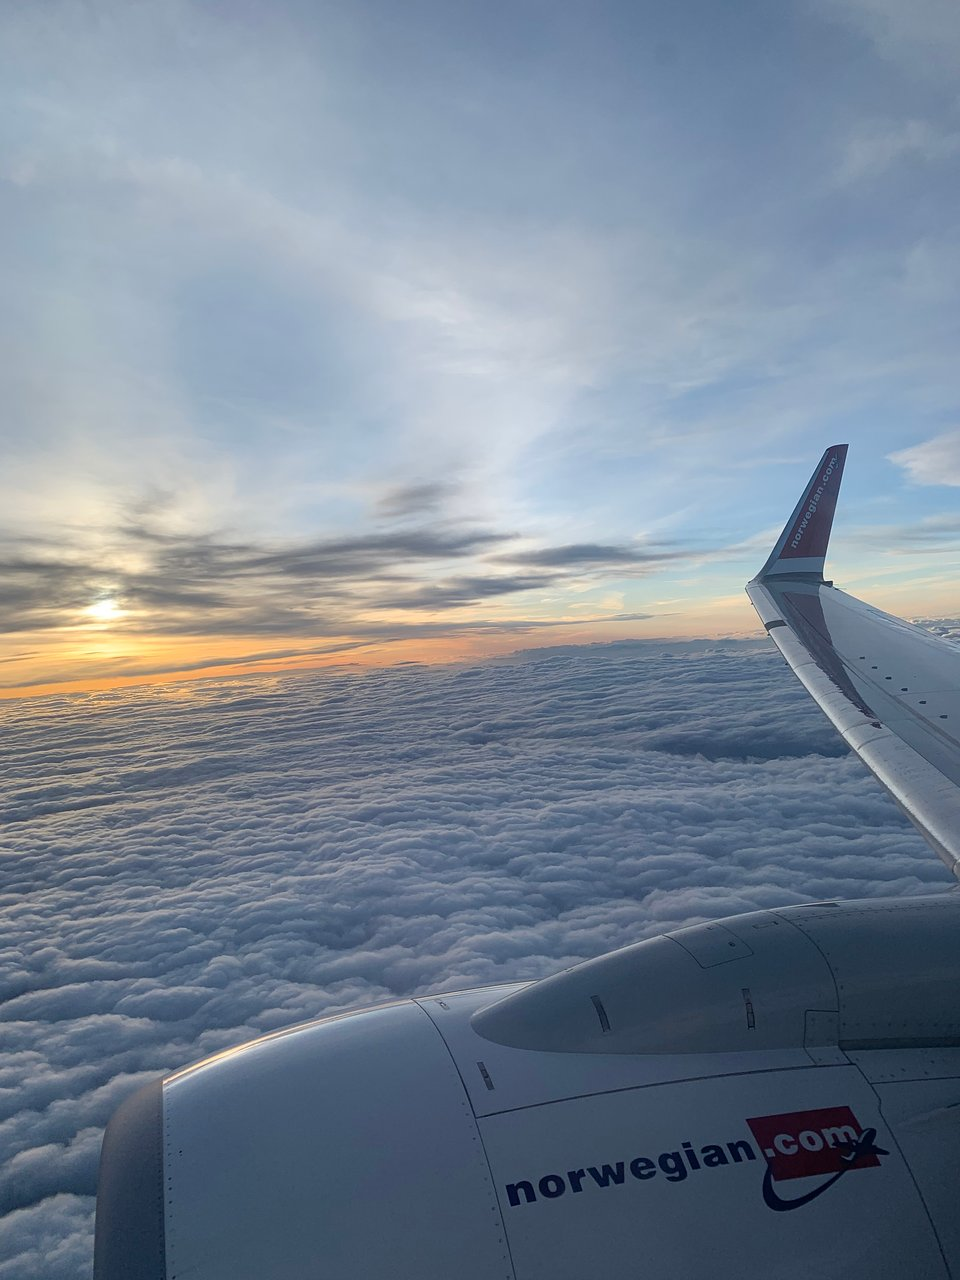 norwegian flights and reviews with photos tripadvisor rh tripadvisor com